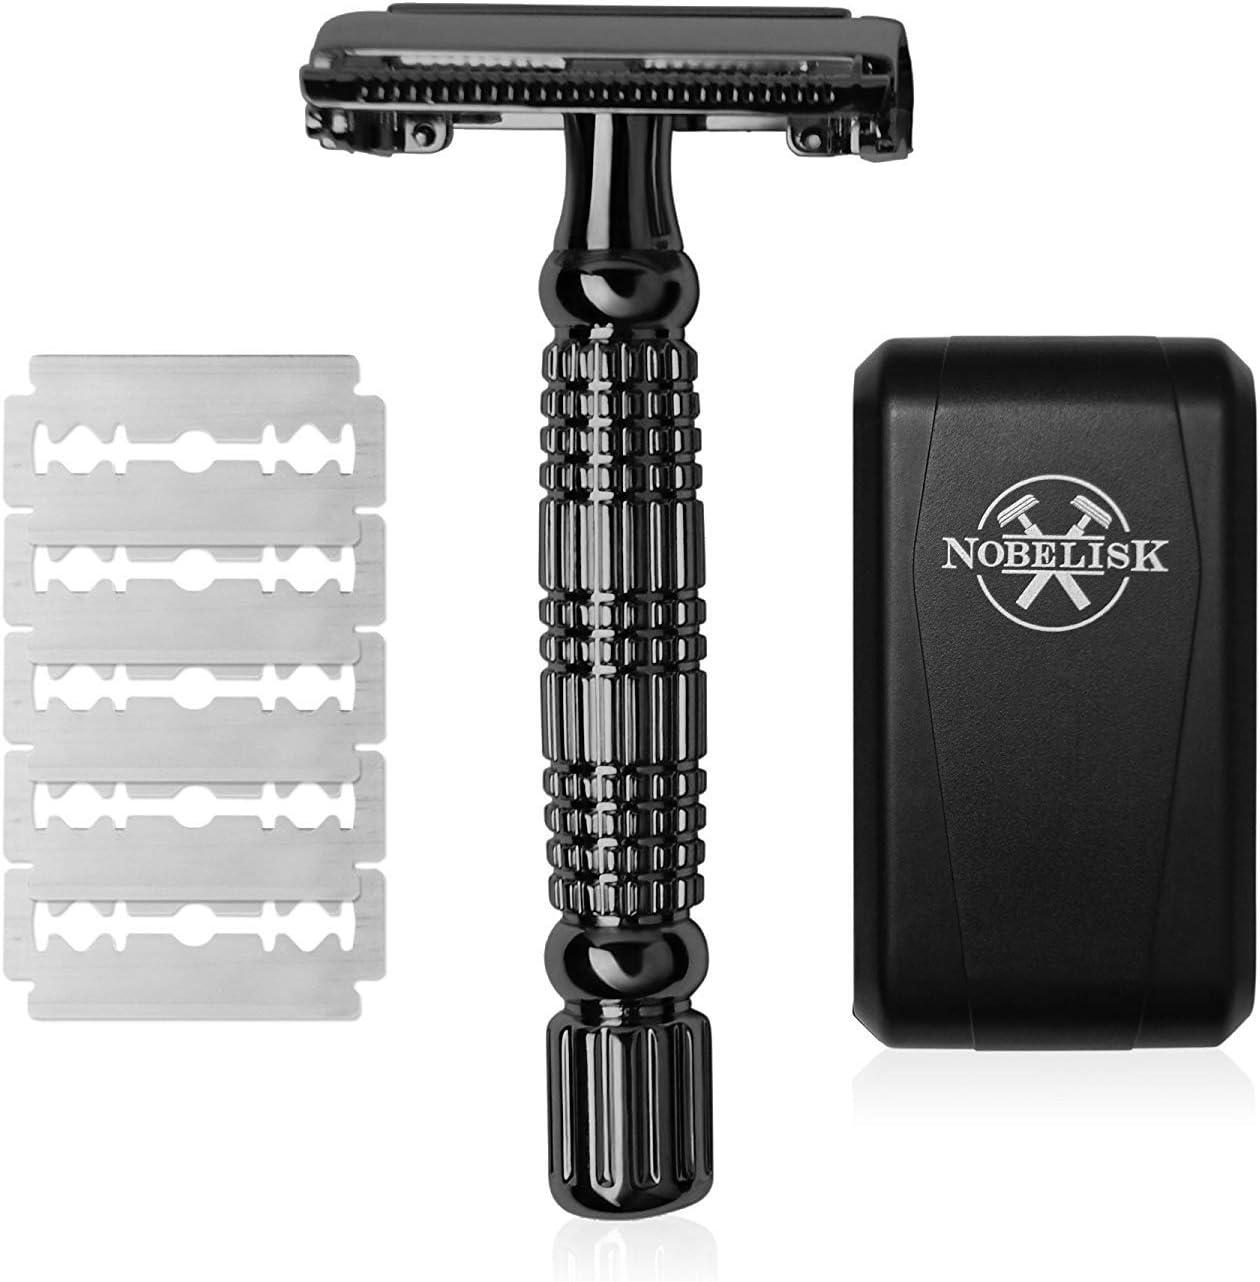 Afeitadora Nobelisk Premium con 5 hojas de afeitar | Afeitadora húmeda afilada con cabezal de afeitado de 2 lados para hombres | Cepillo de barba para cambio rápido de hoja (negro)